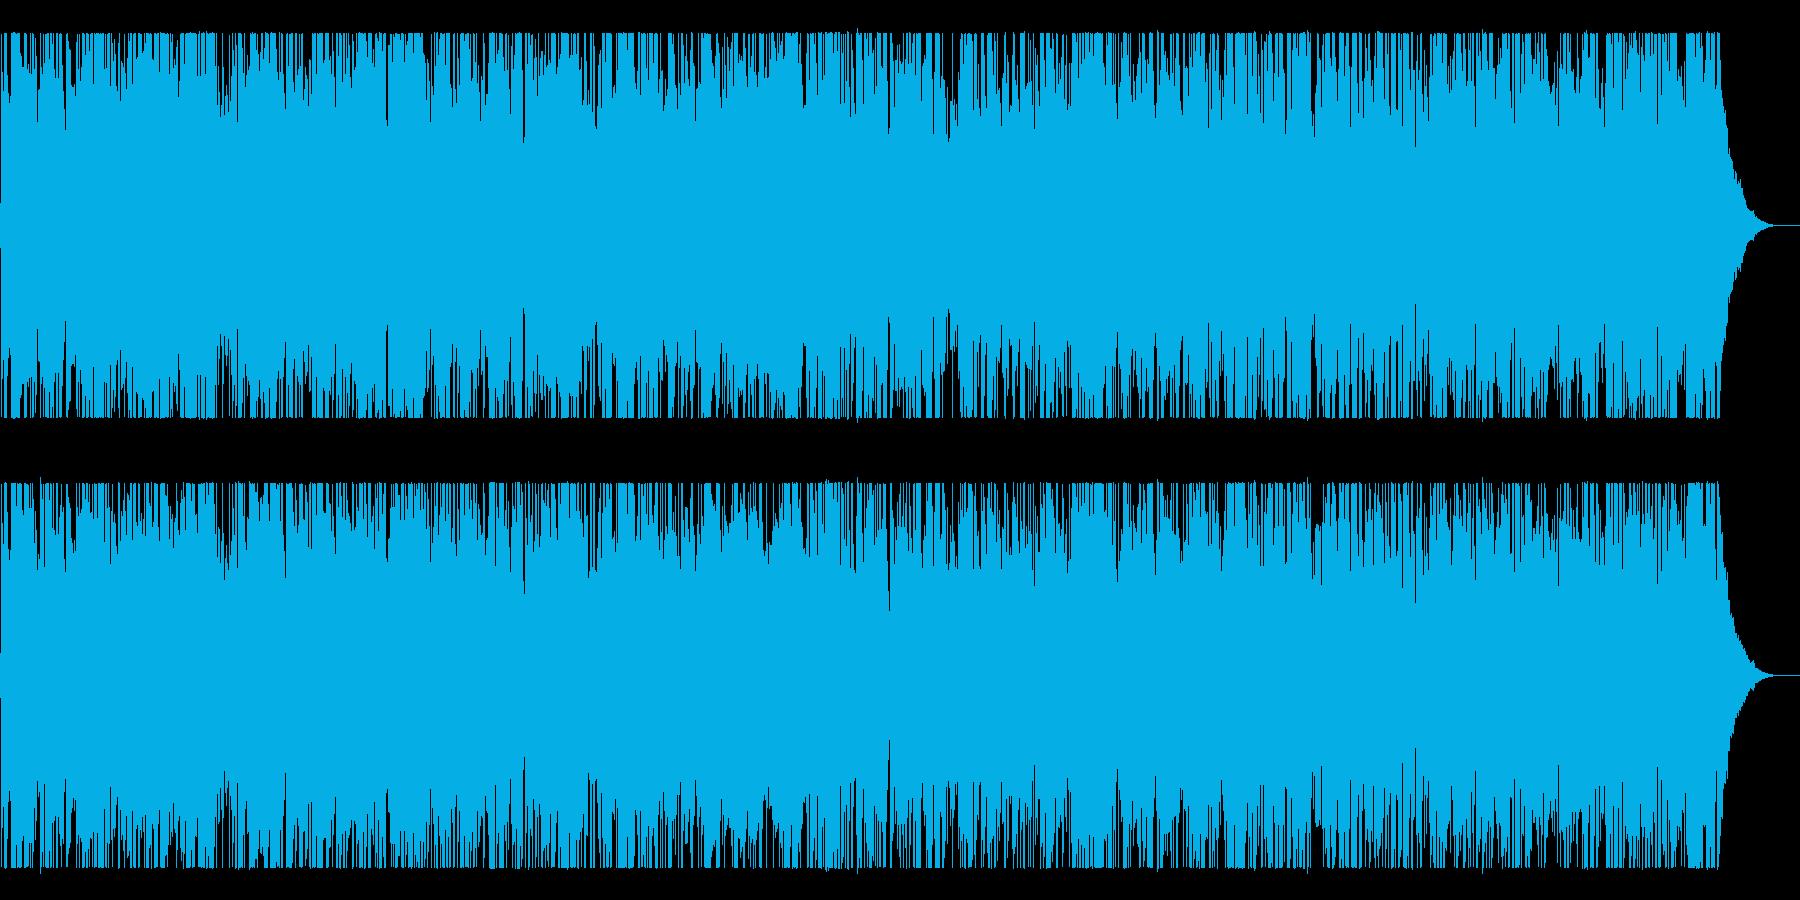 プロ生演奏アイリッシュケルトバイオリン3の再生済みの波形